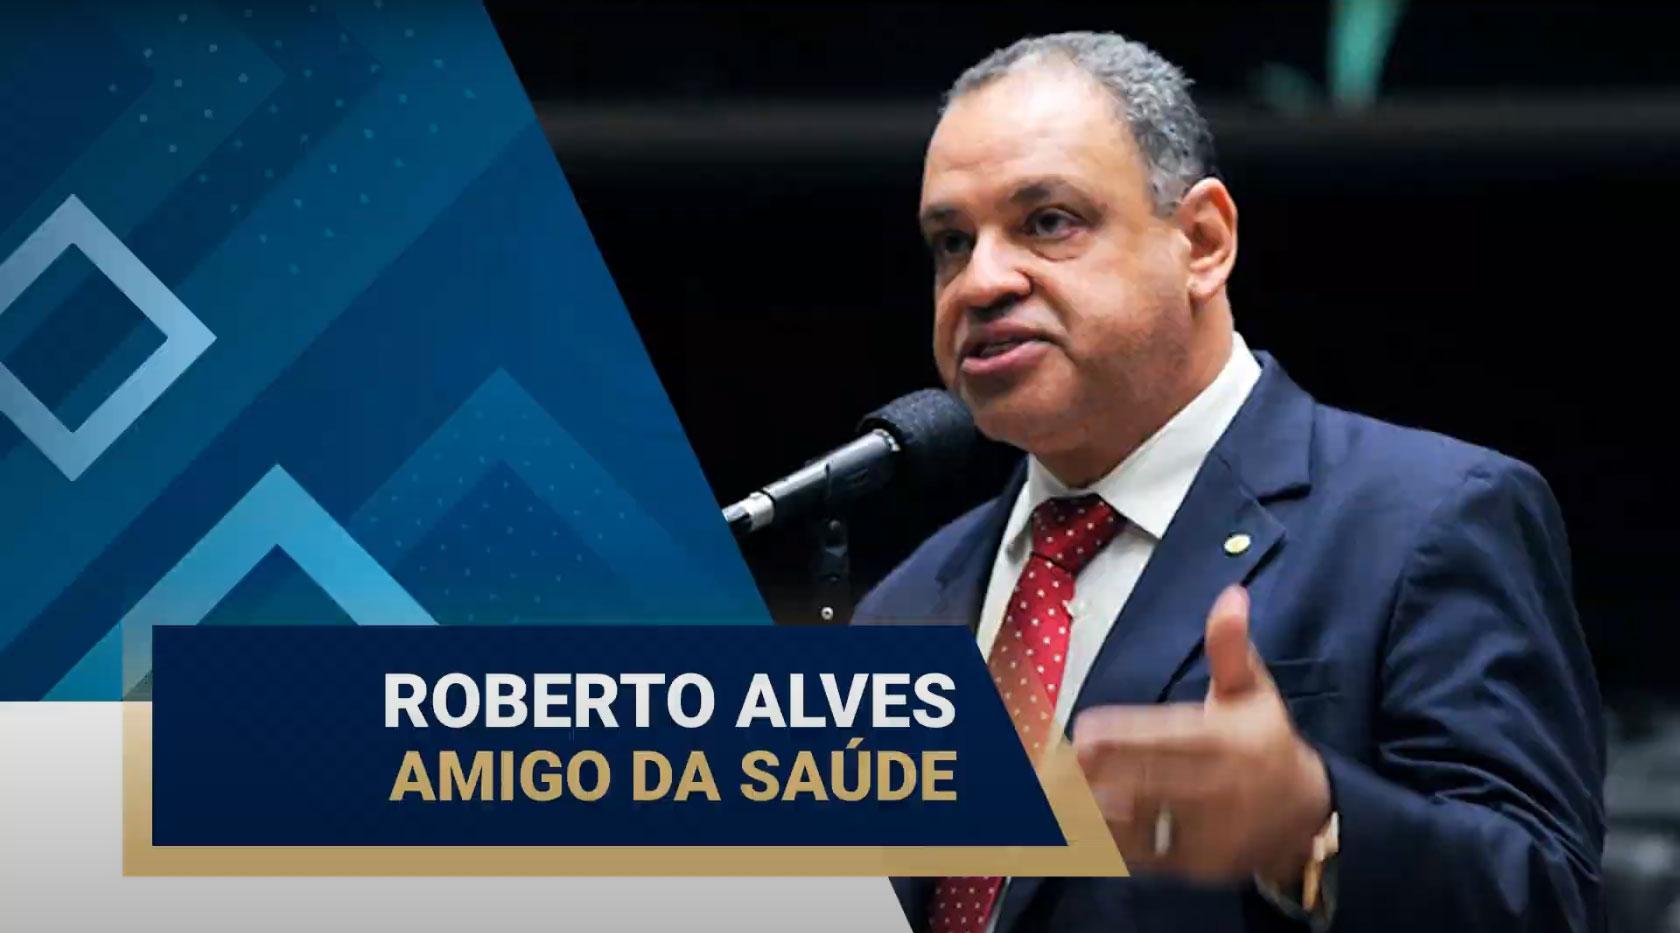 deputado-federal-roberto-alves-e-amigo-da-saude - Acao Comunicativa